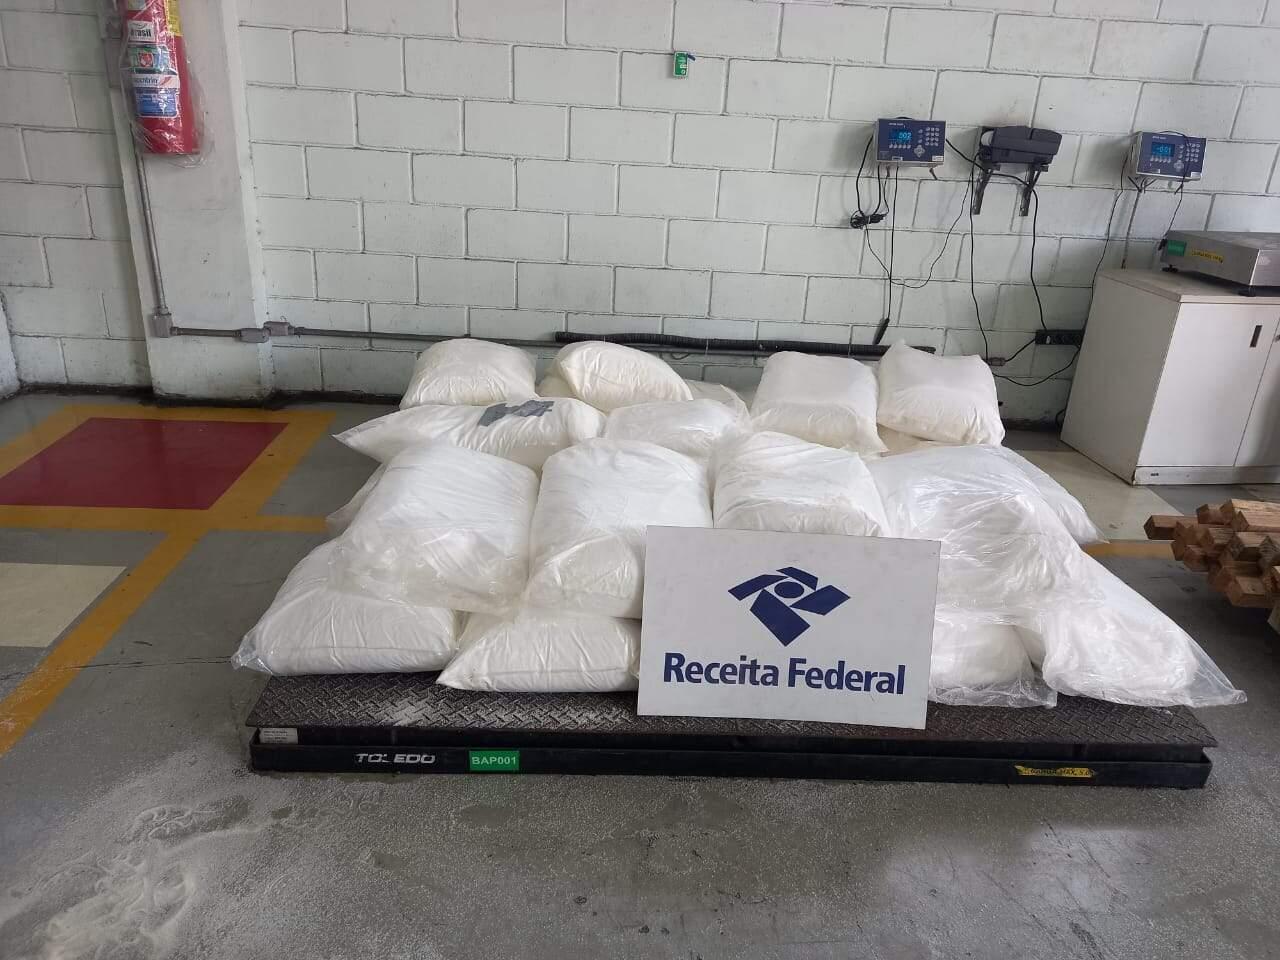 Cocaína foi encontrada em uma carga de açúcar, no Porto de Santos, nesta terça-feira (23)